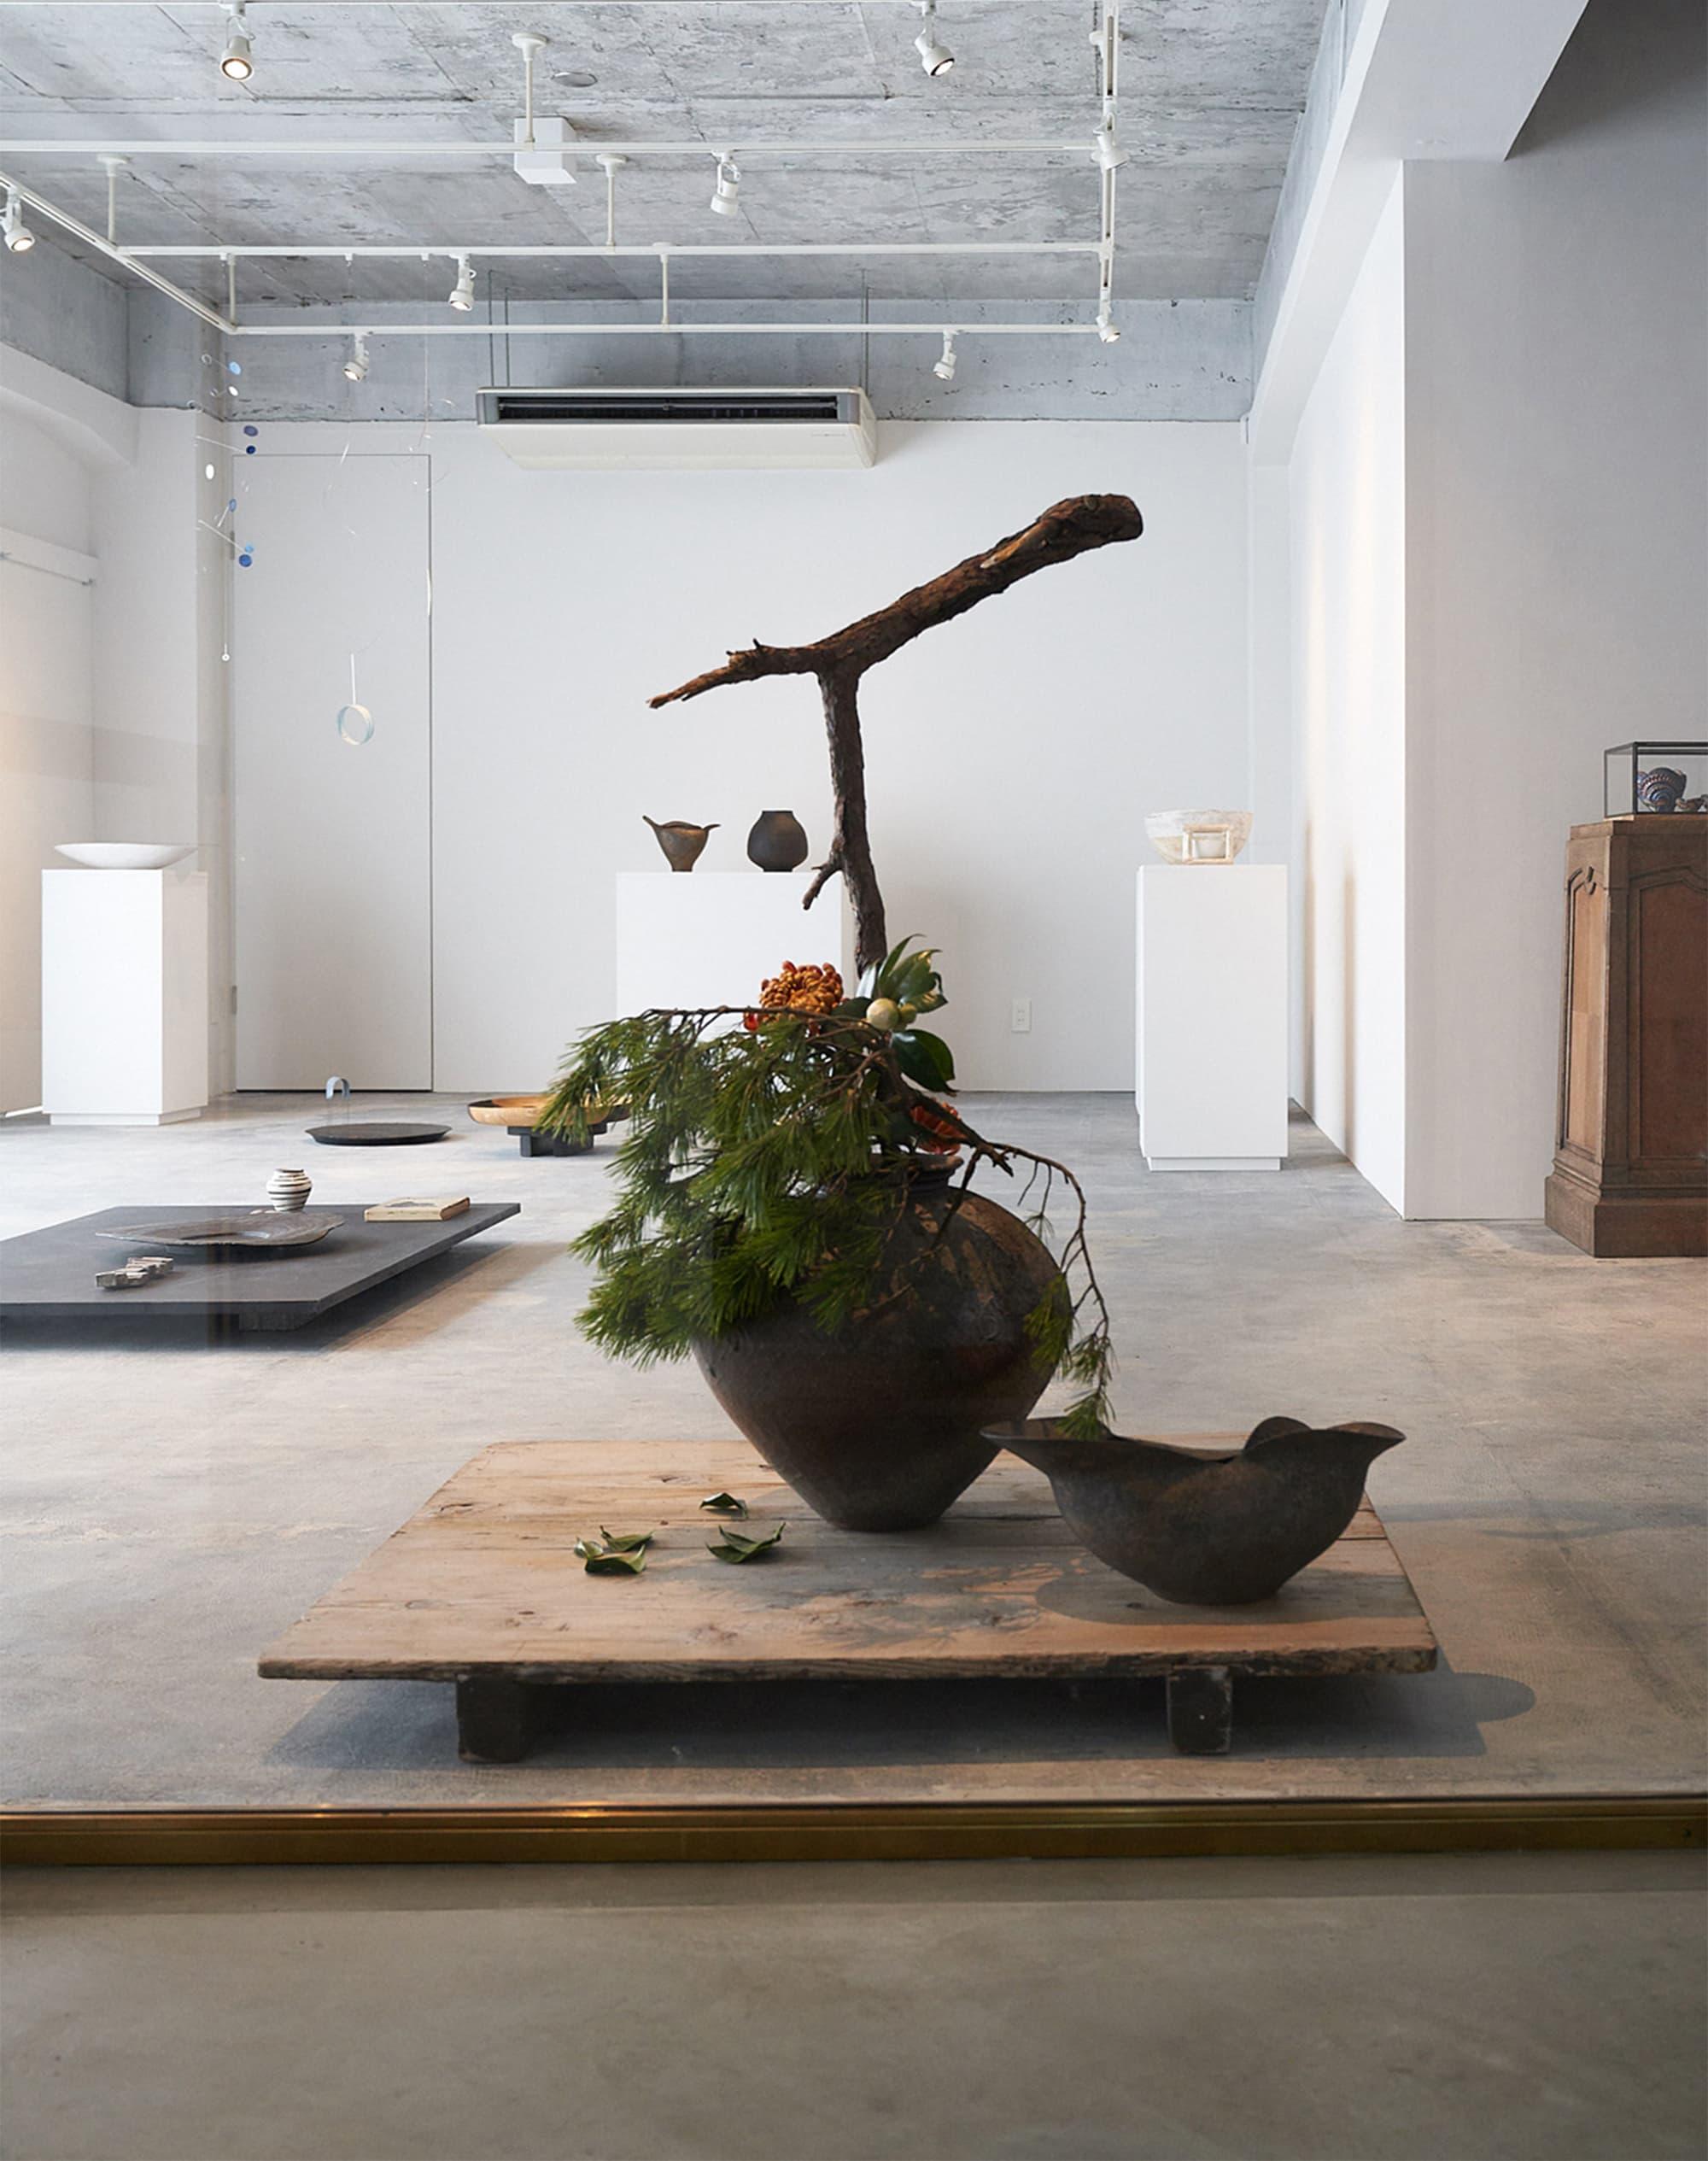 陶作品を中心に展示されるギャラリーと常設作品のショップスペースからなる「水犀」